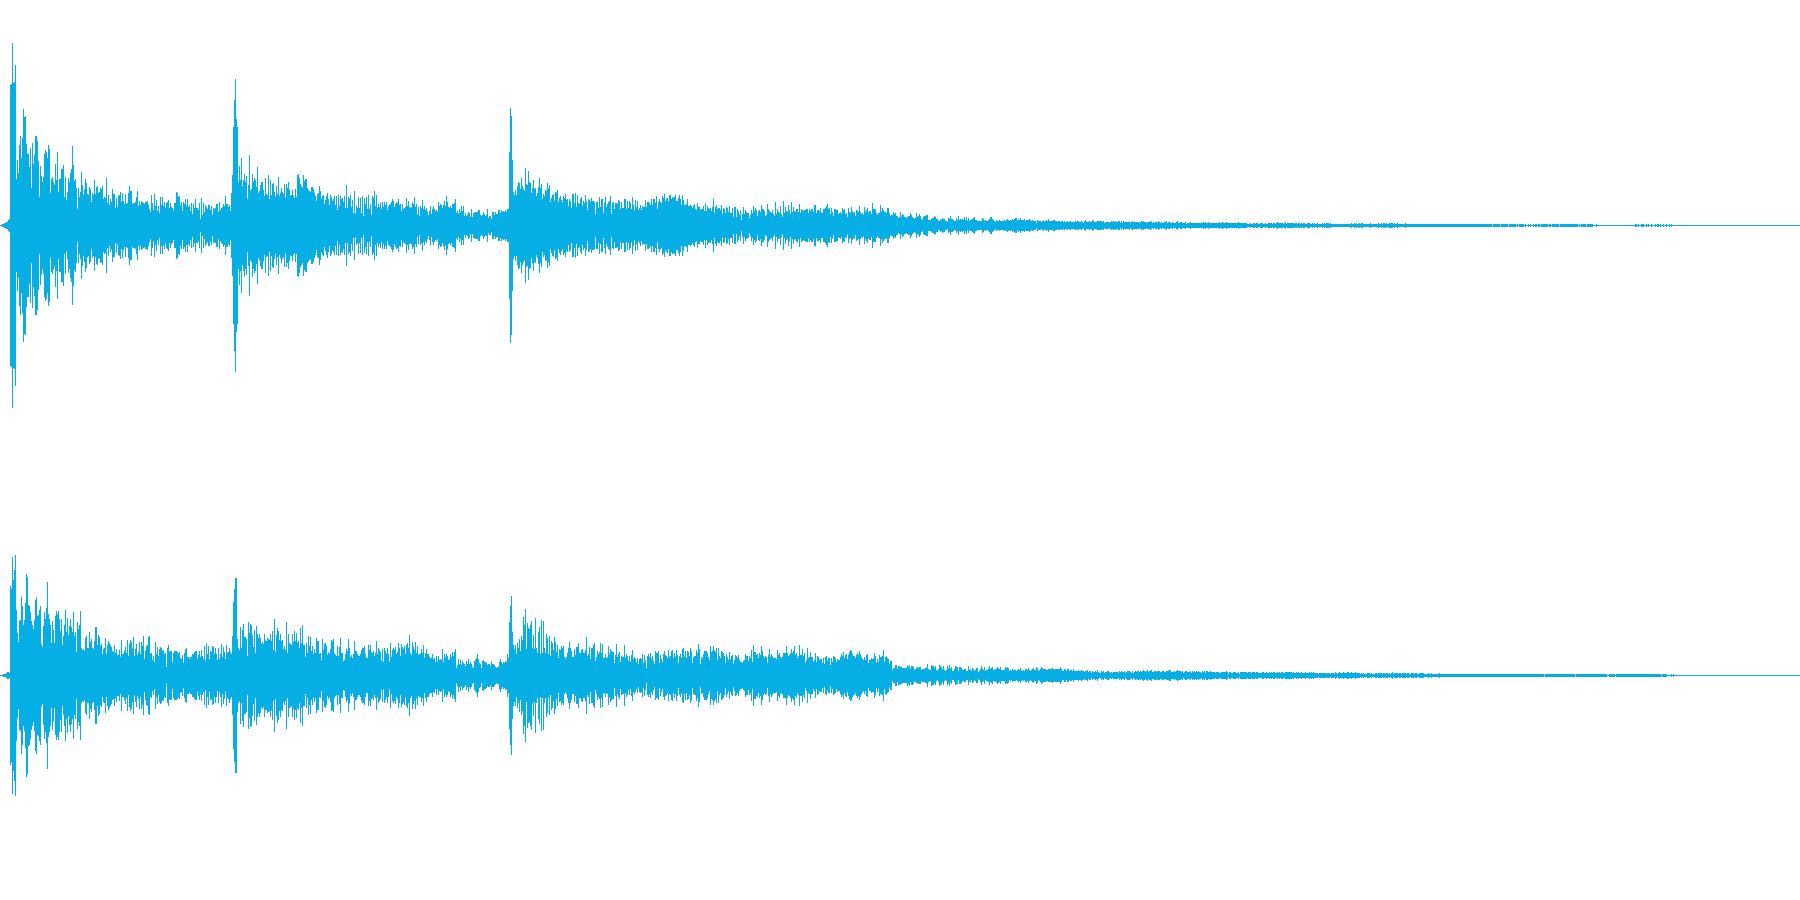 和風クリック音源ワンポイント効果音の再生済みの波形